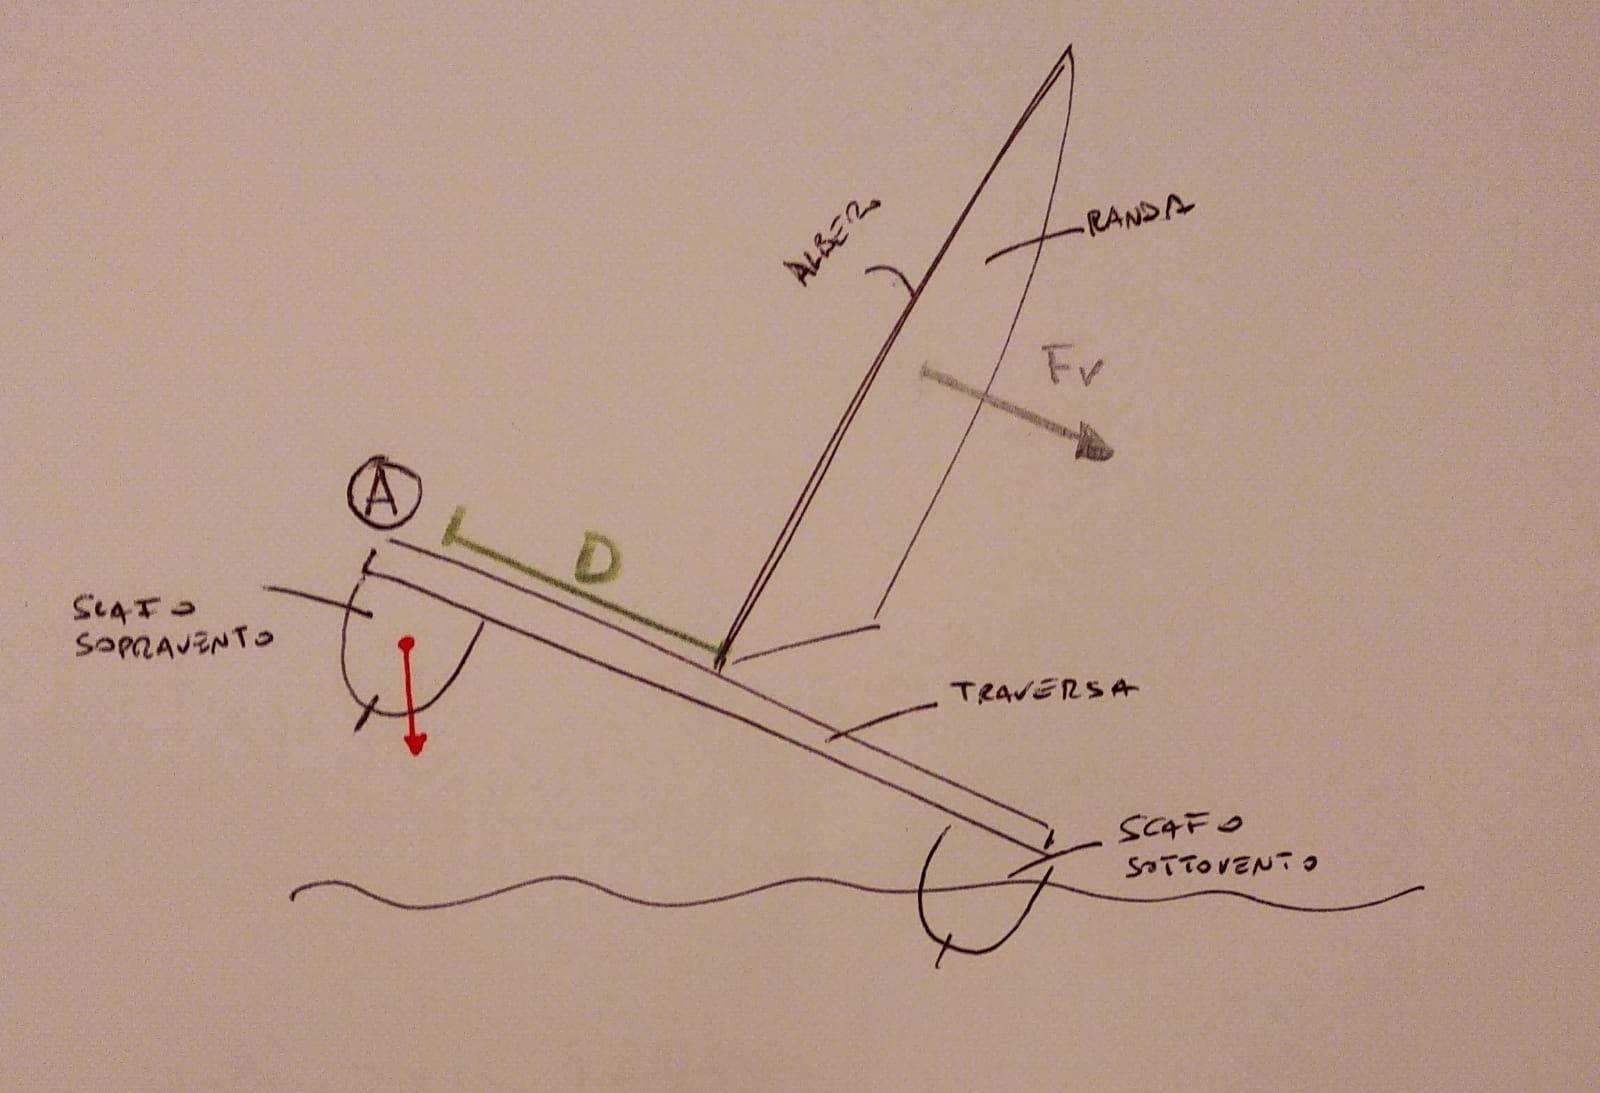 Catamarano-disegno-forze